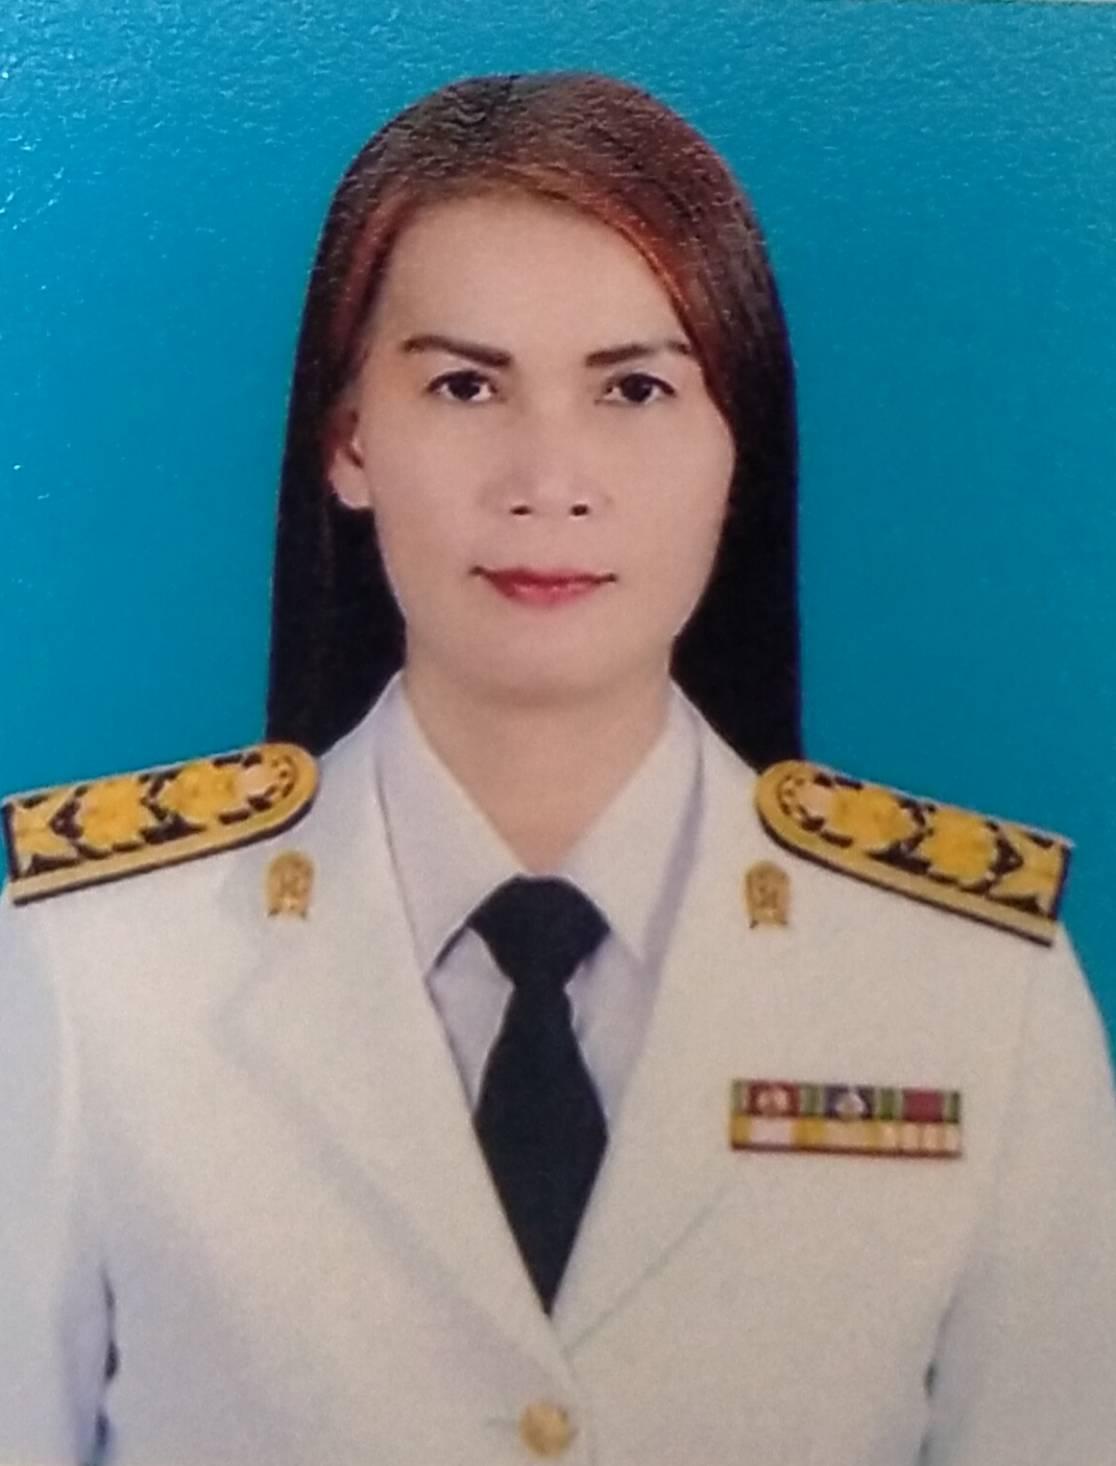 นางกัญจน์ณภัค พิมพ์อ้นรักษาการในตำแหน่งผู้อำนวยการโรงเรียนบ้านนาเพียงโทร : 063-6493564Email : Kunnaphuk@gmail.com